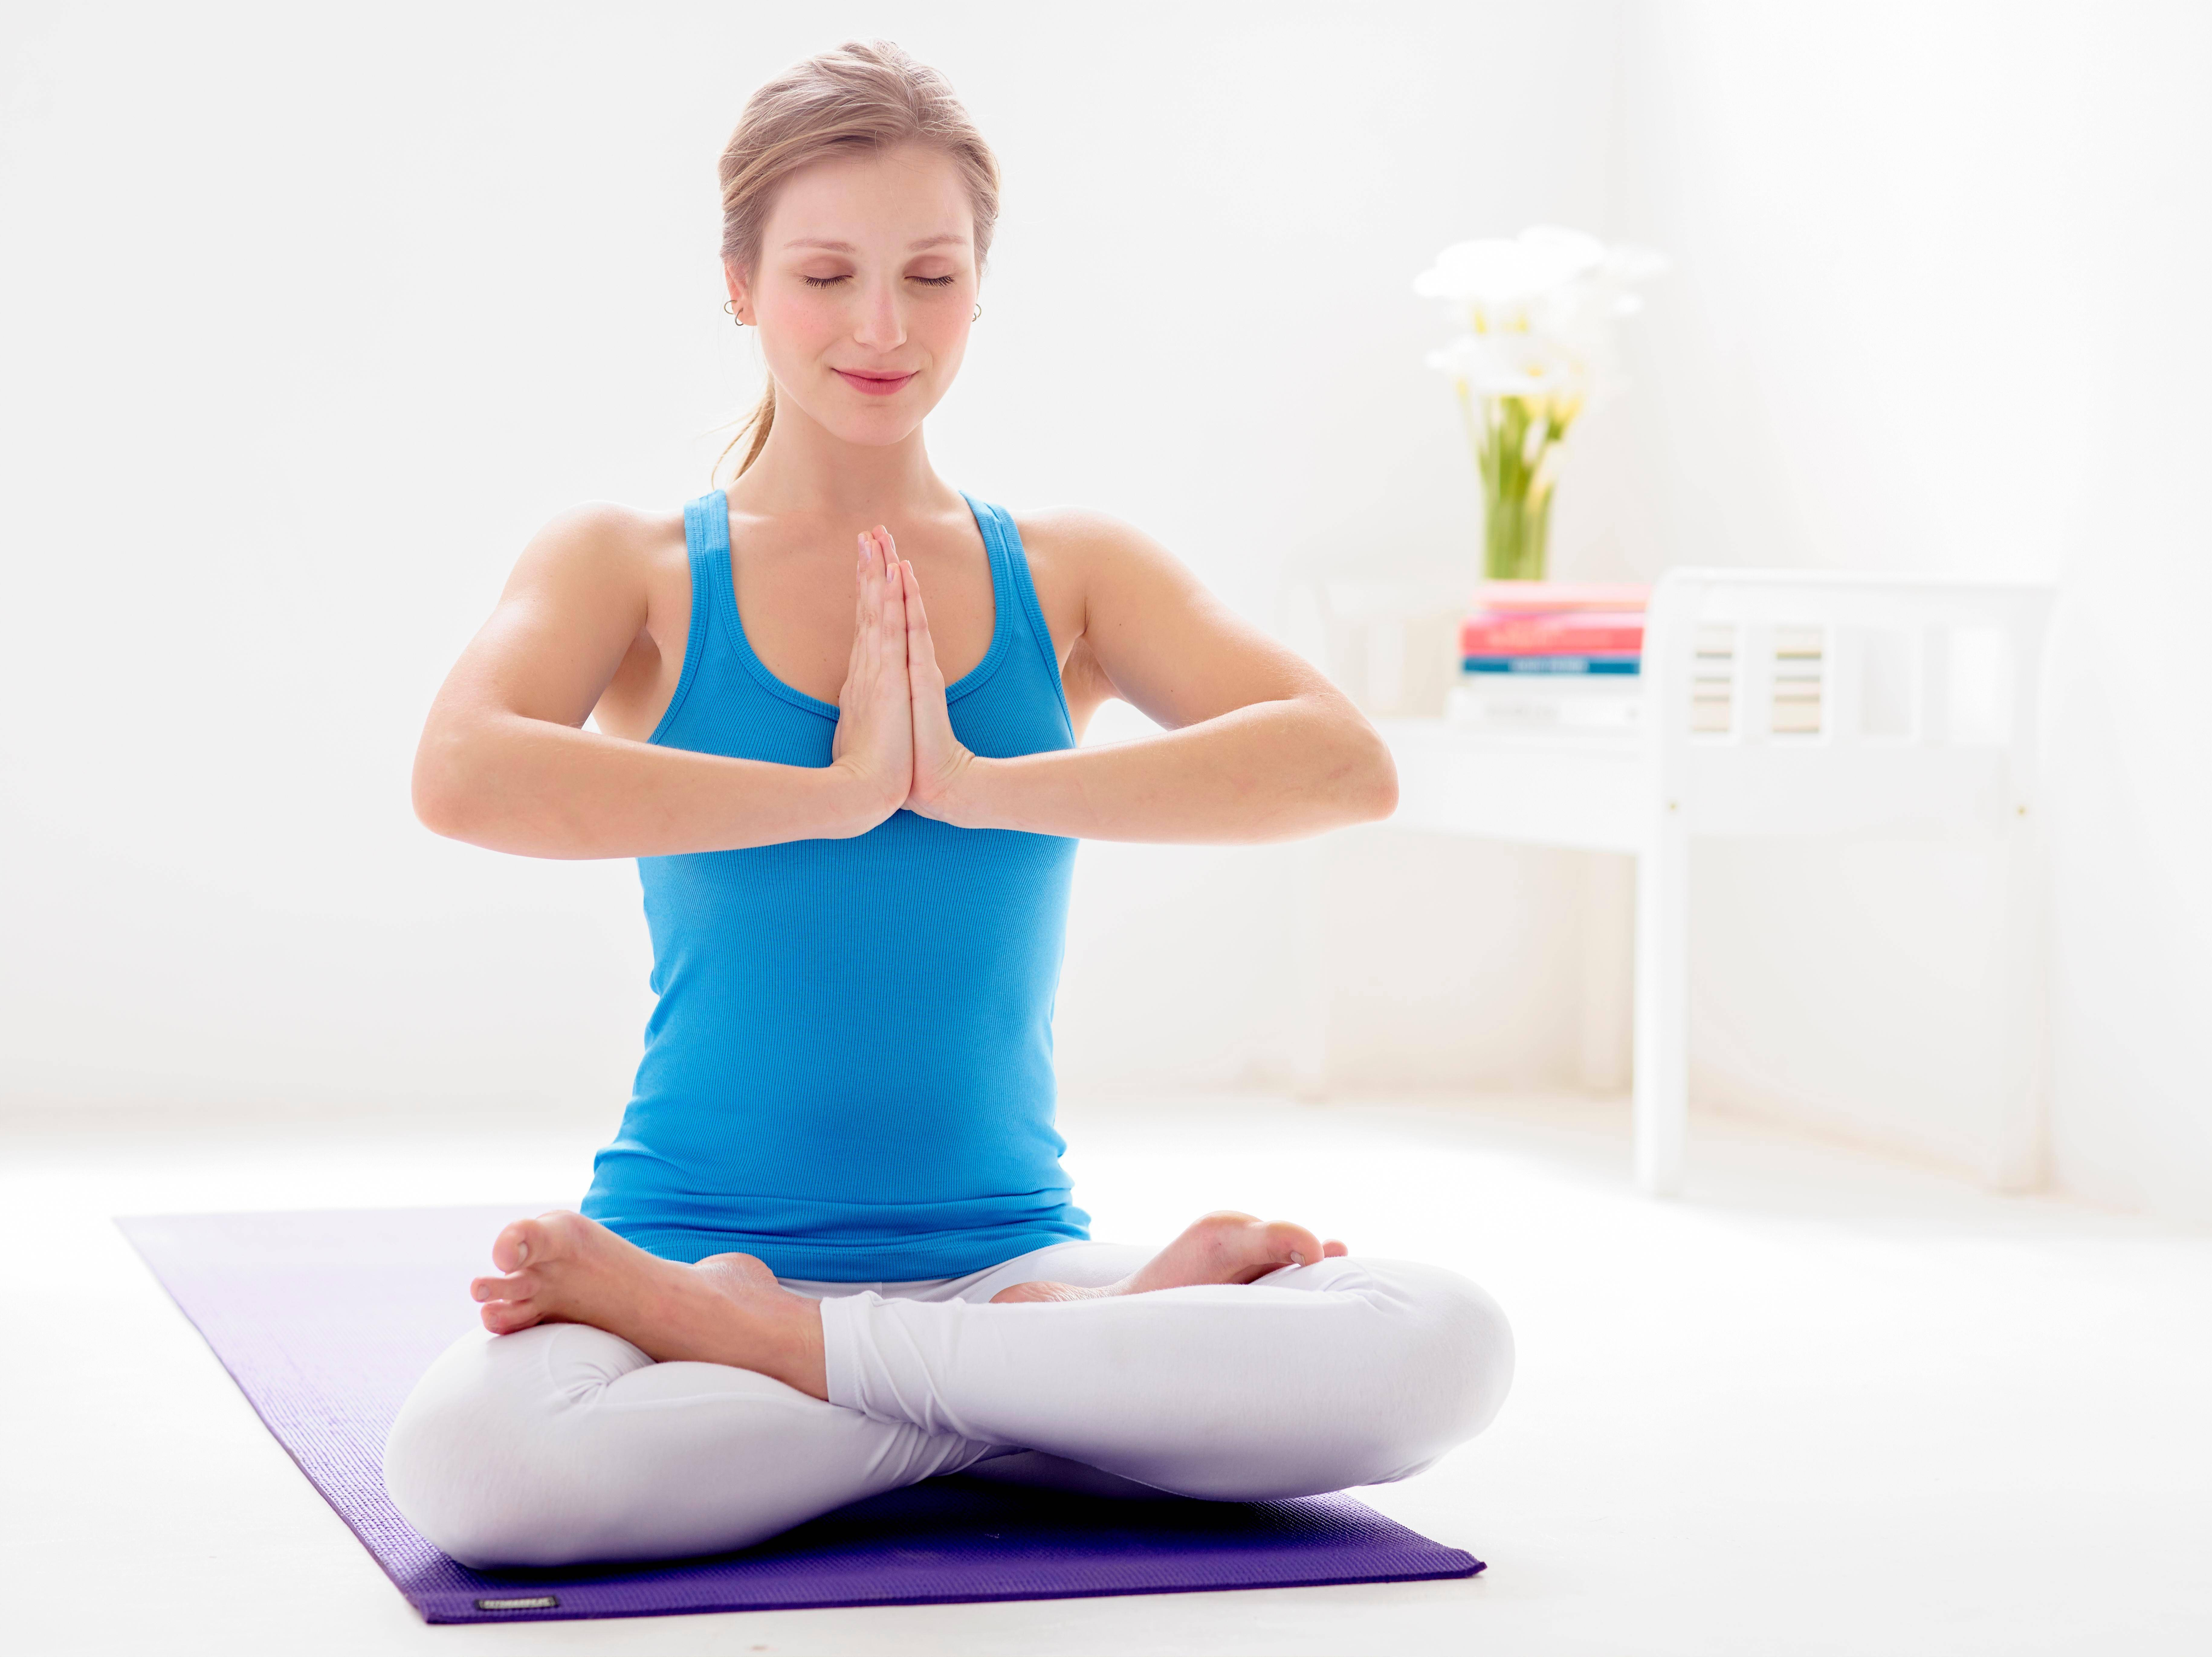 Как освоить правильное дыхание йоги для начинающих